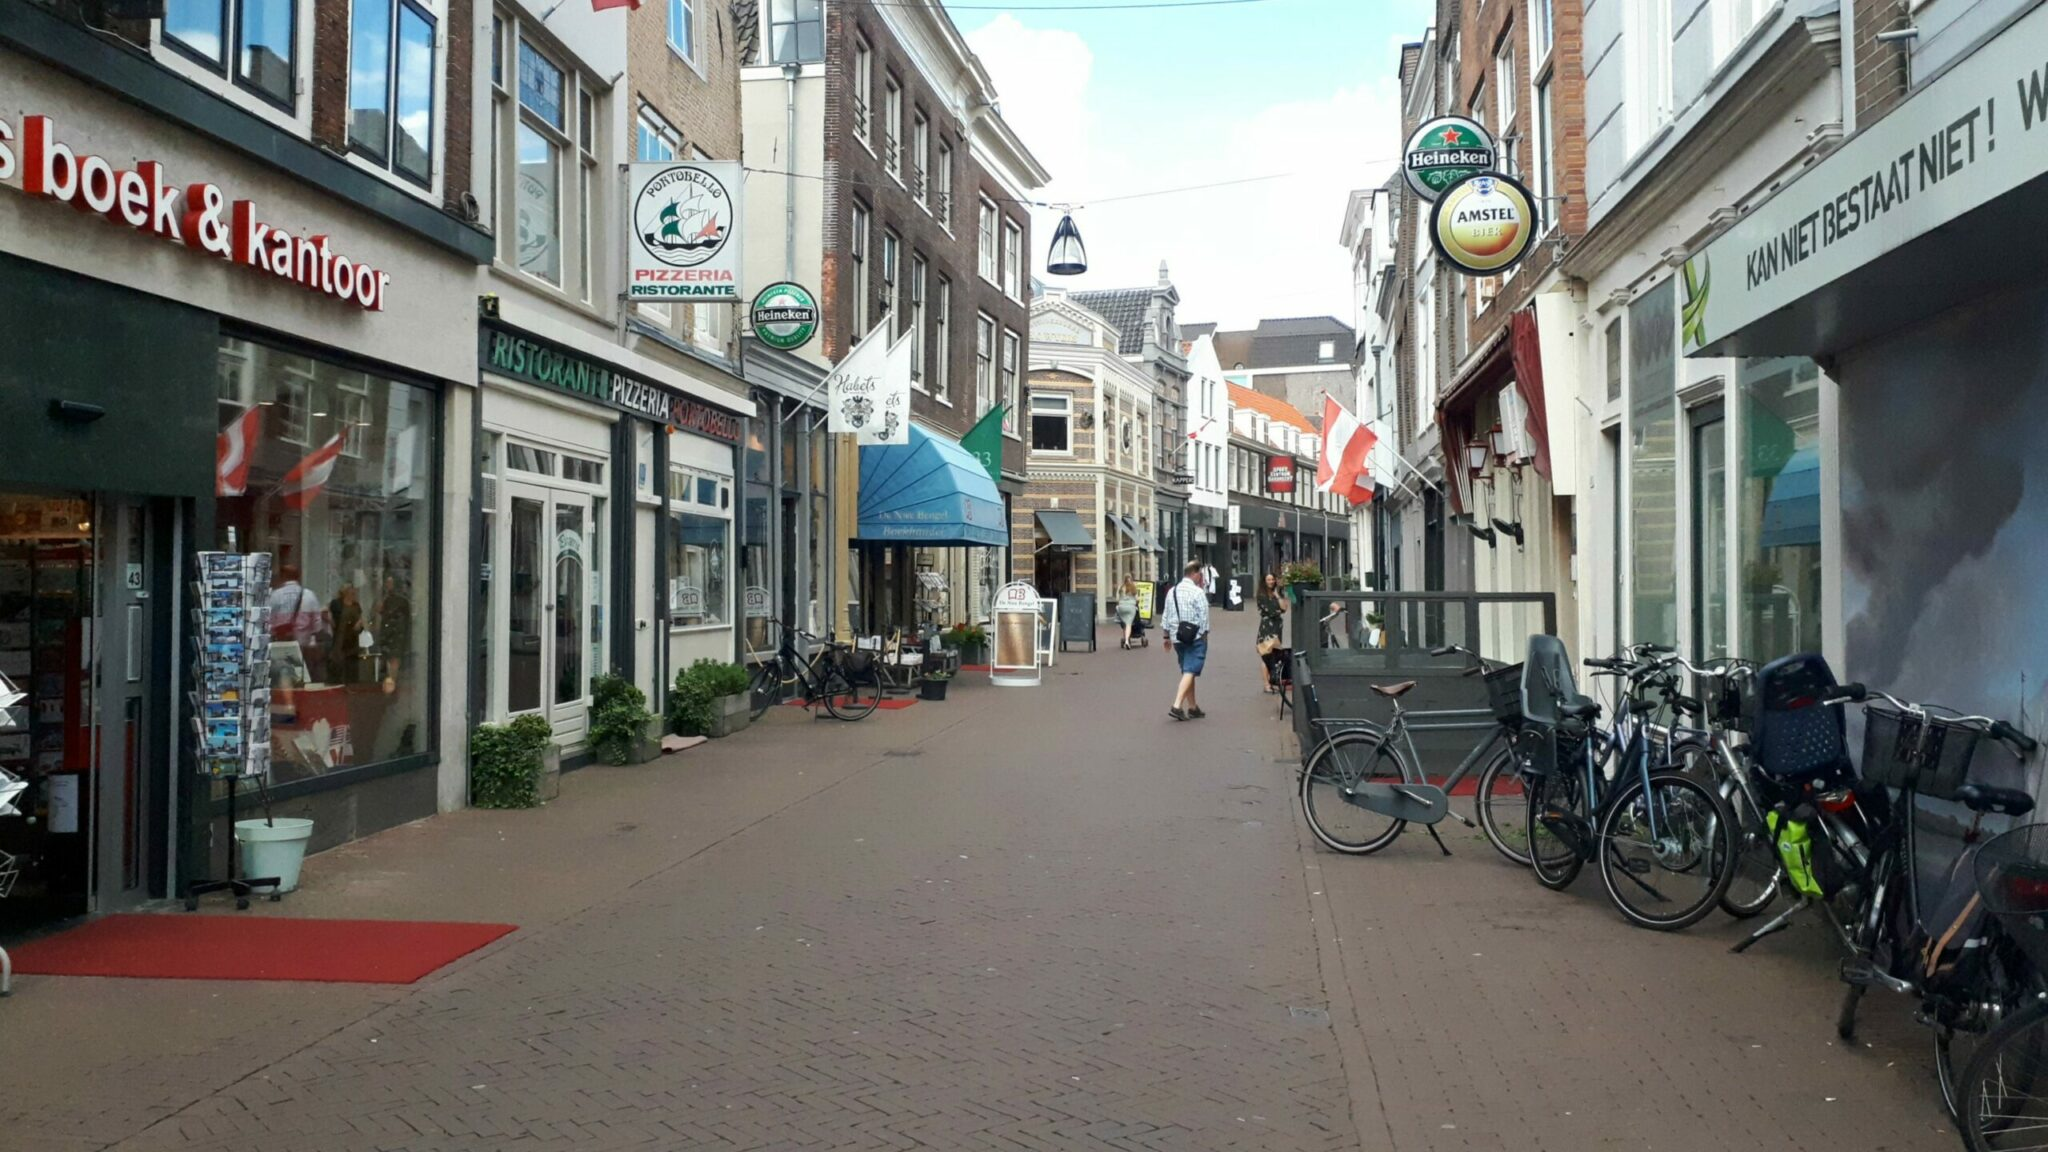 Vriesestraat winkelen aanbiedingen acties shoppen IDBstock